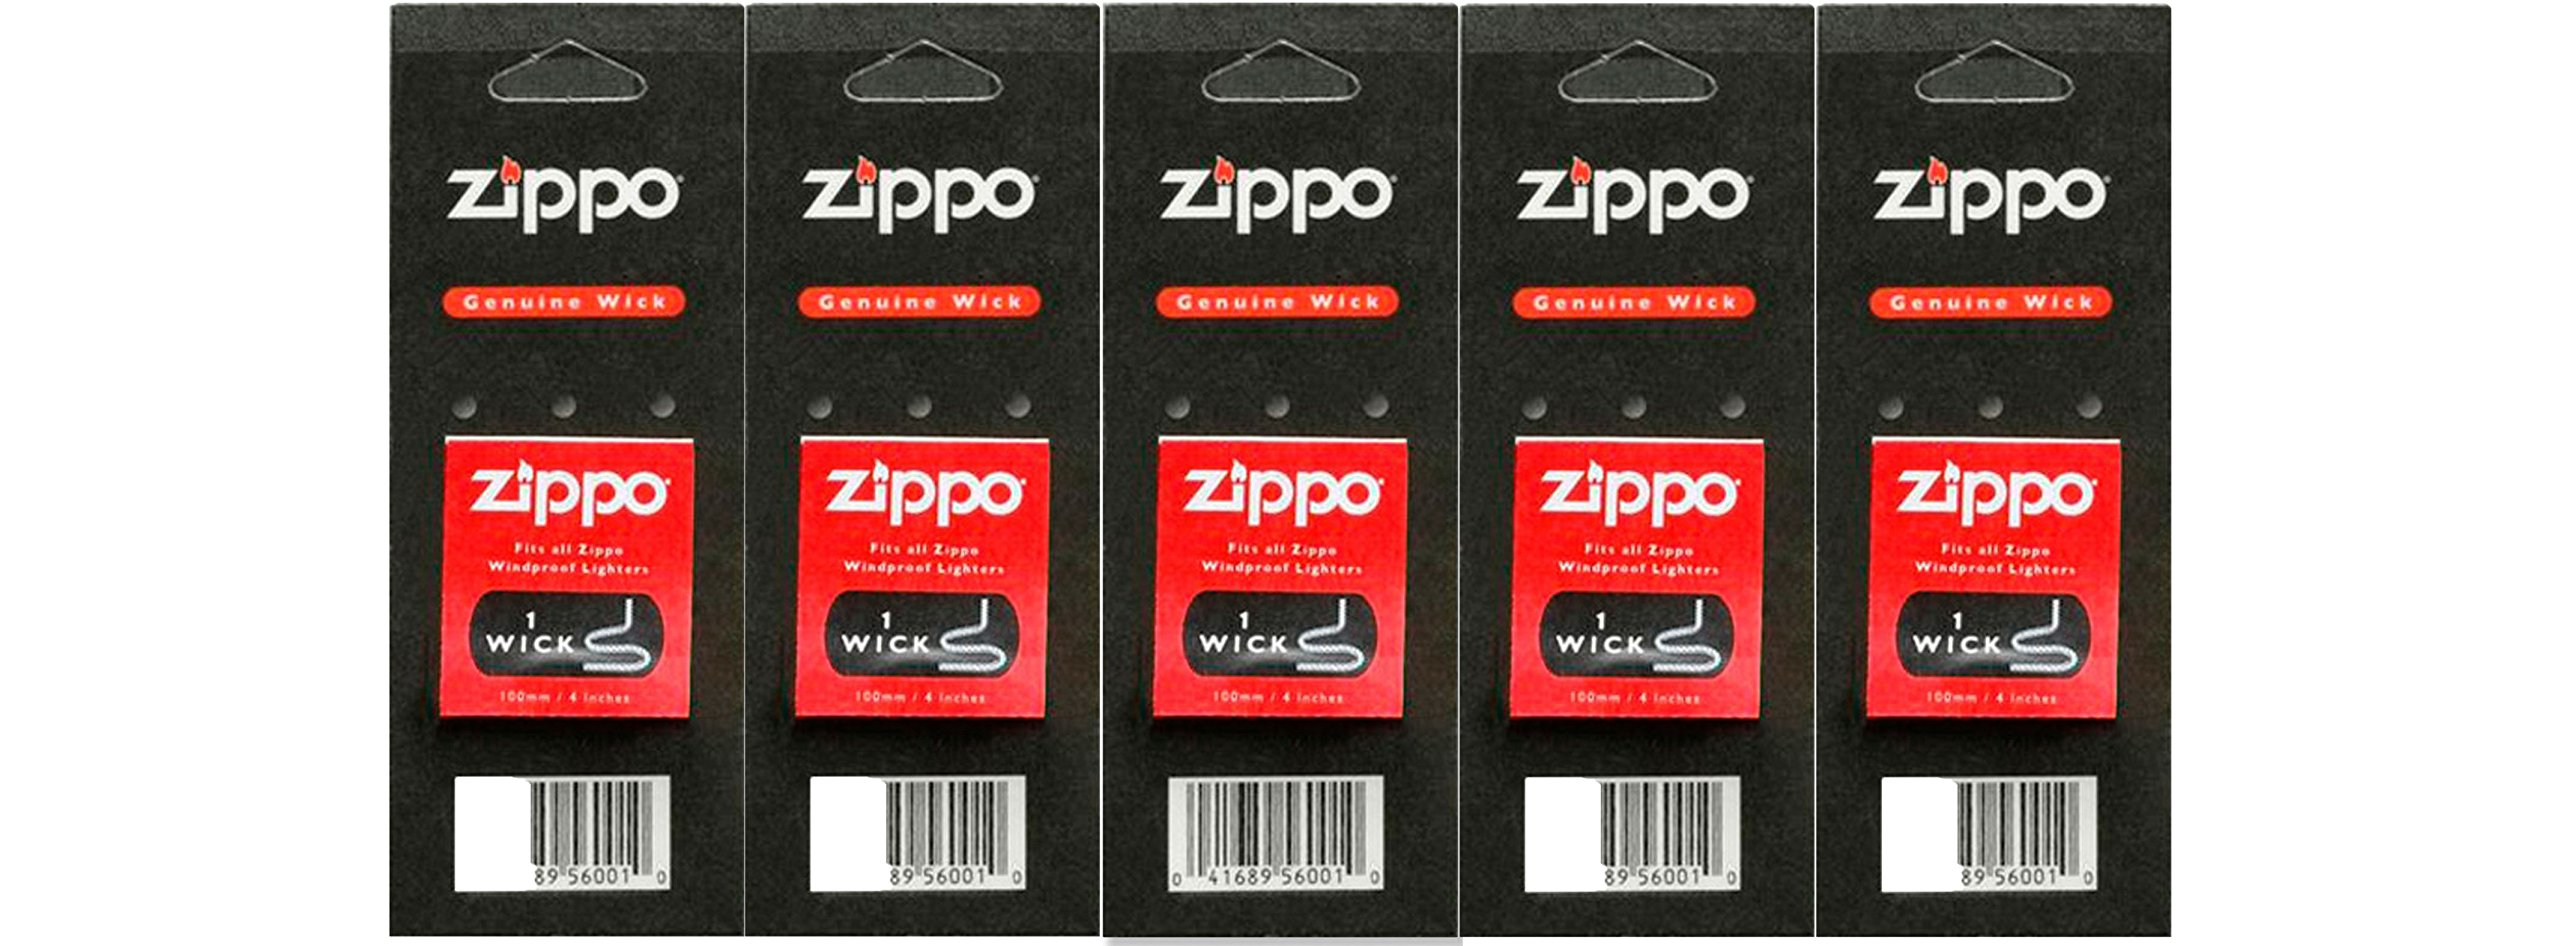 5 Zippo Wicks